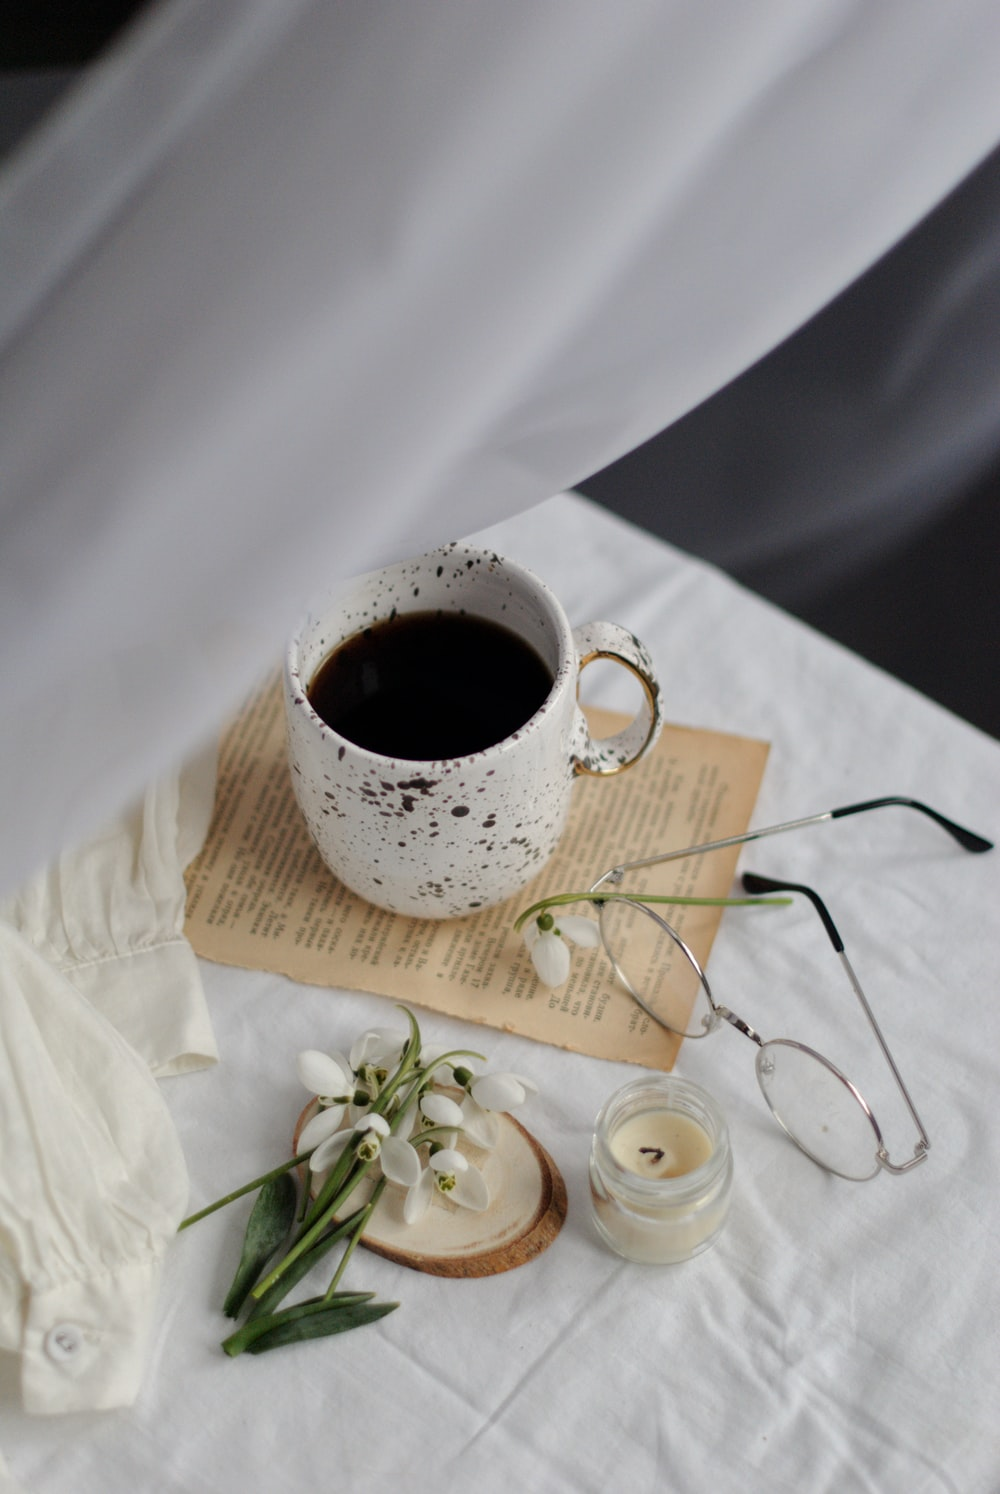 white ceramic mug on brown wooden coaster beside white flowers